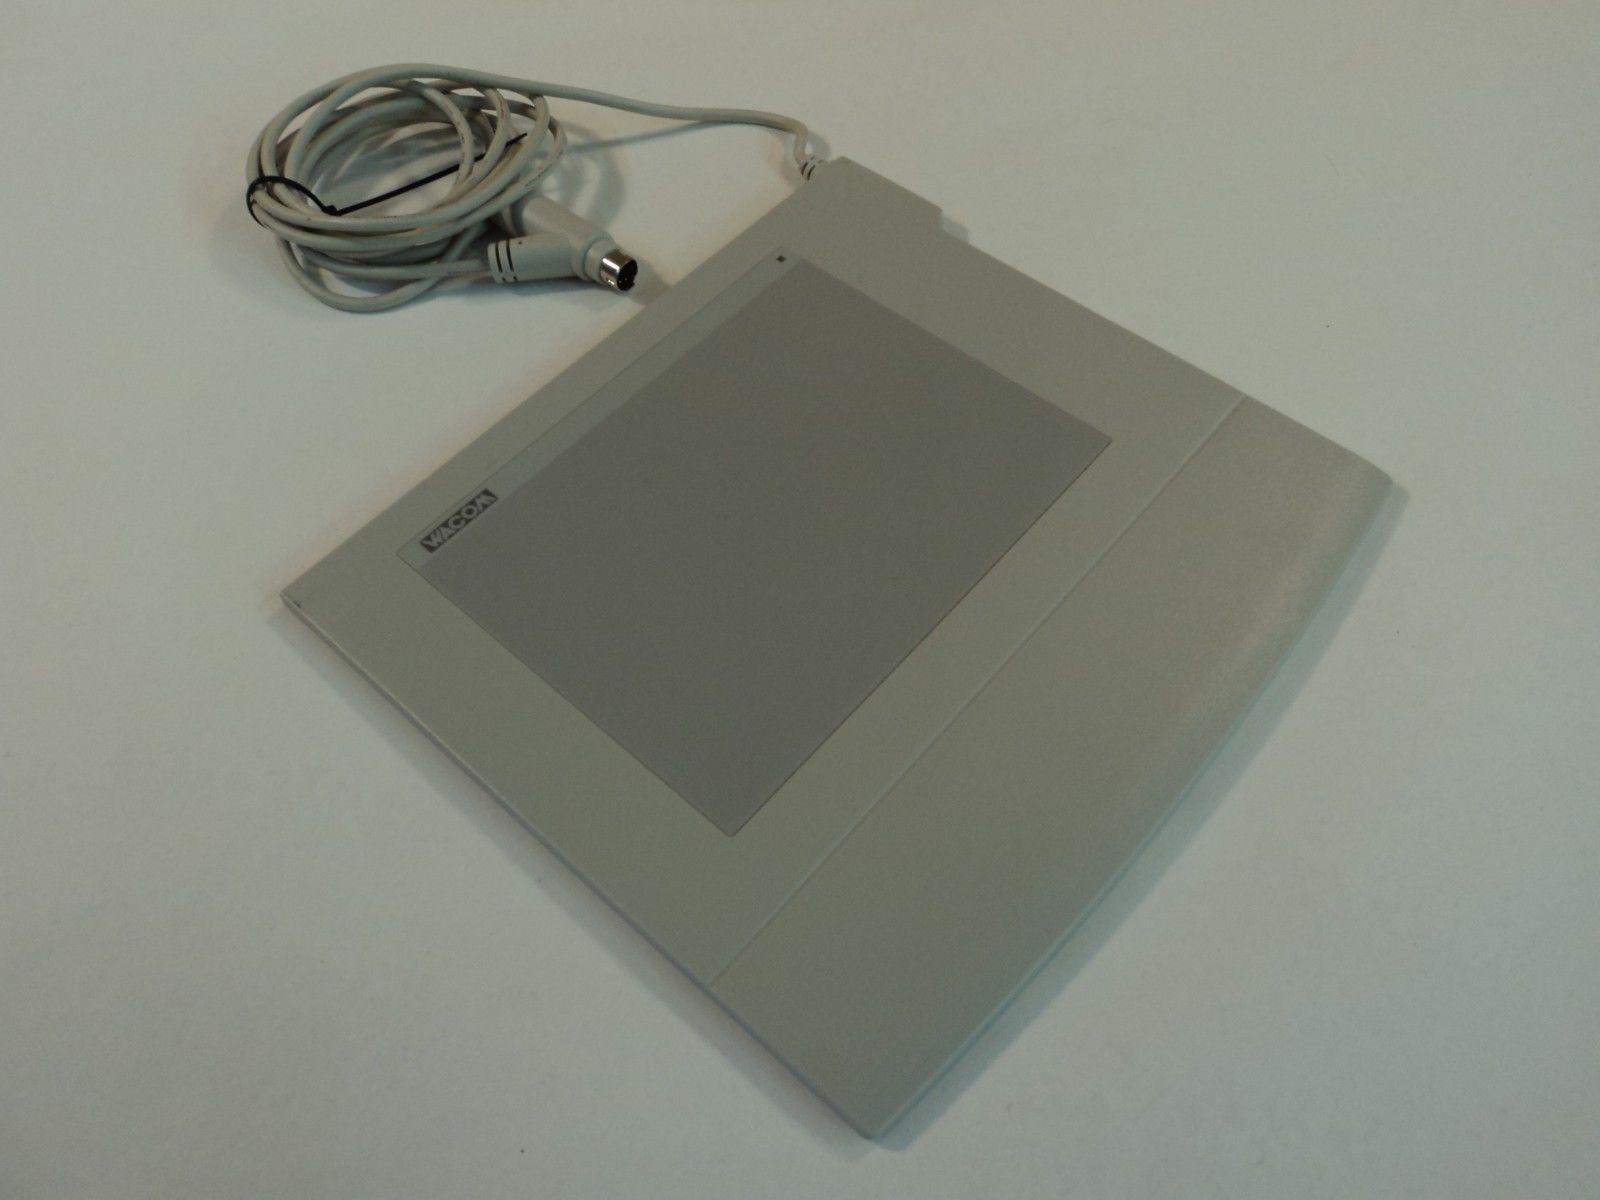 Wacom intuos 6x8 gd-0608-r tablet дигитайзер бесплатная доставка компьютеры, планшеты и периферия, клавиатуры